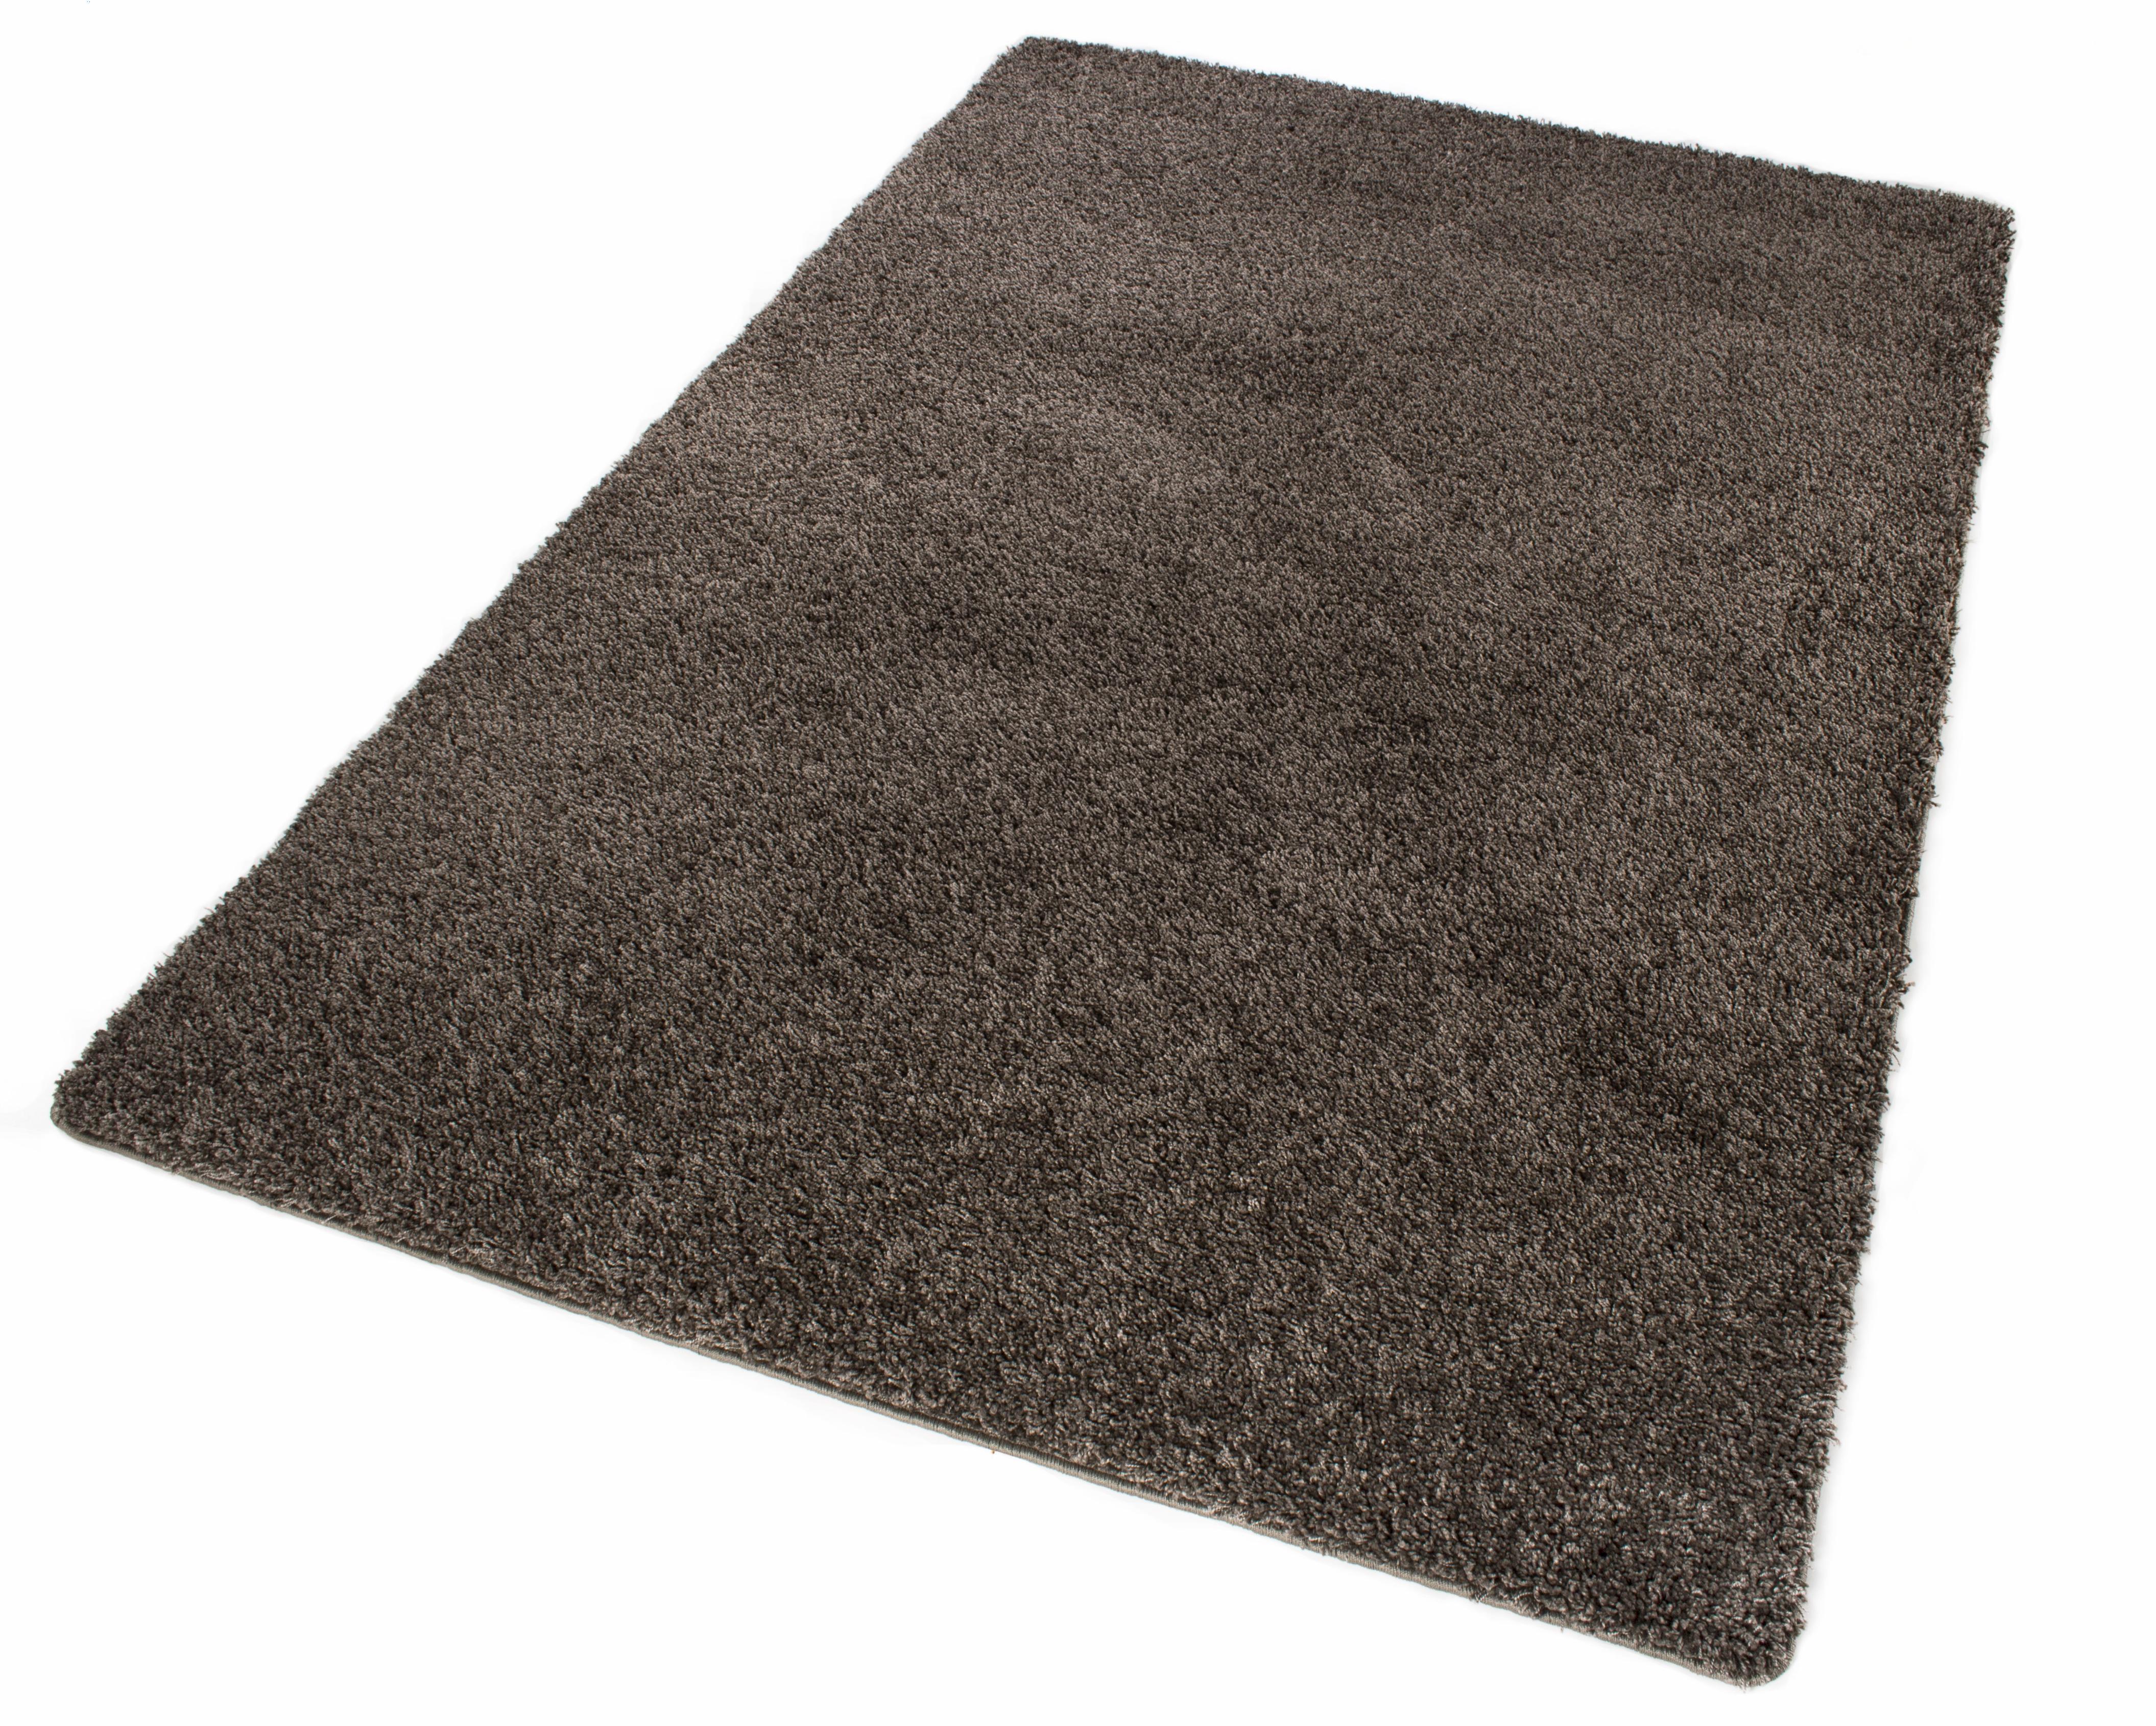 Teppich Liverpool LUXOR living rechteckig Höhe 12 mm